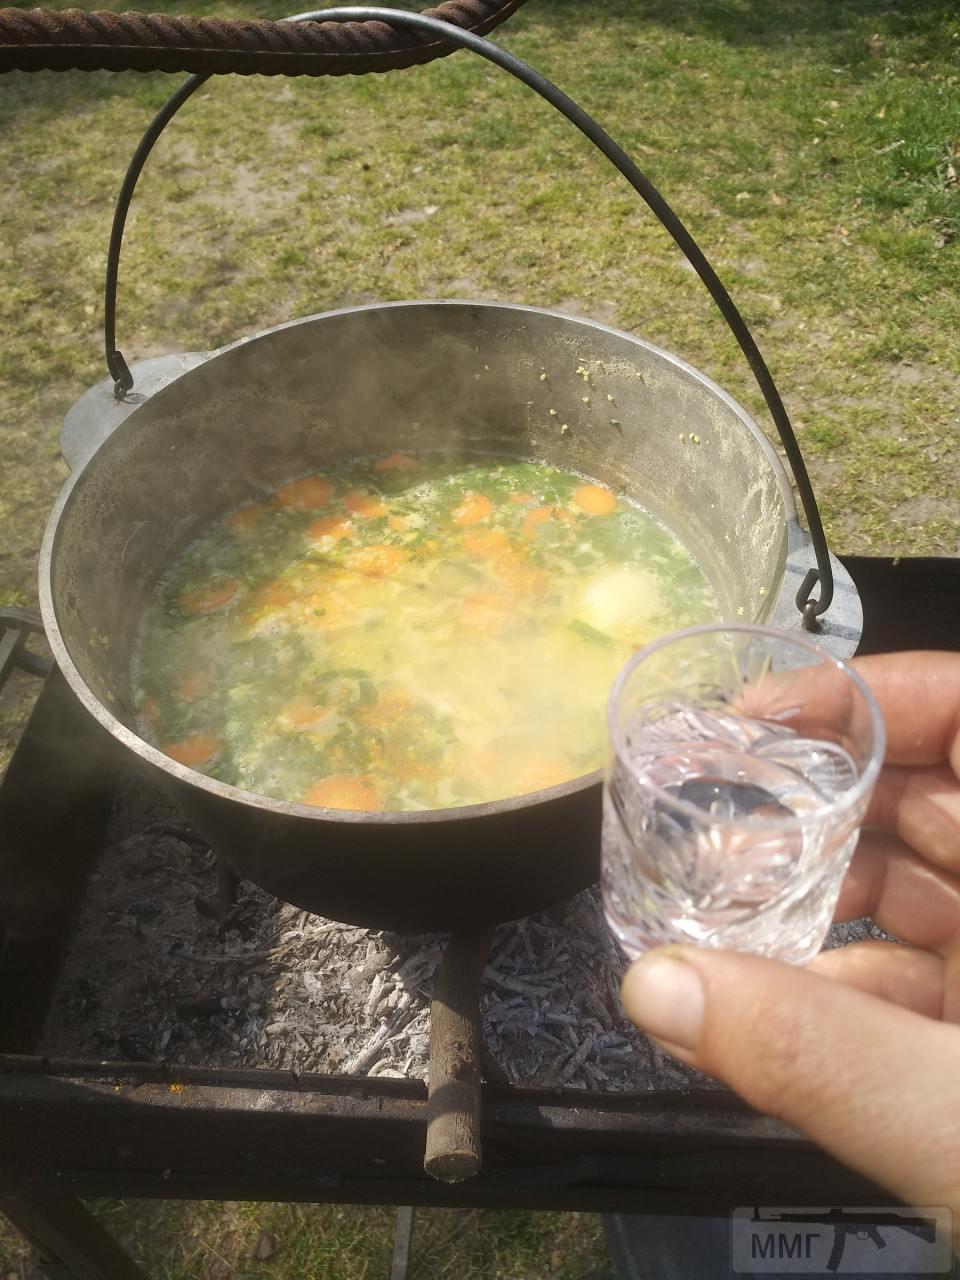 99119 - Закуски на огне (мангал, барбекю и т.д.) и кулинария вообще. Советы и рецепты.